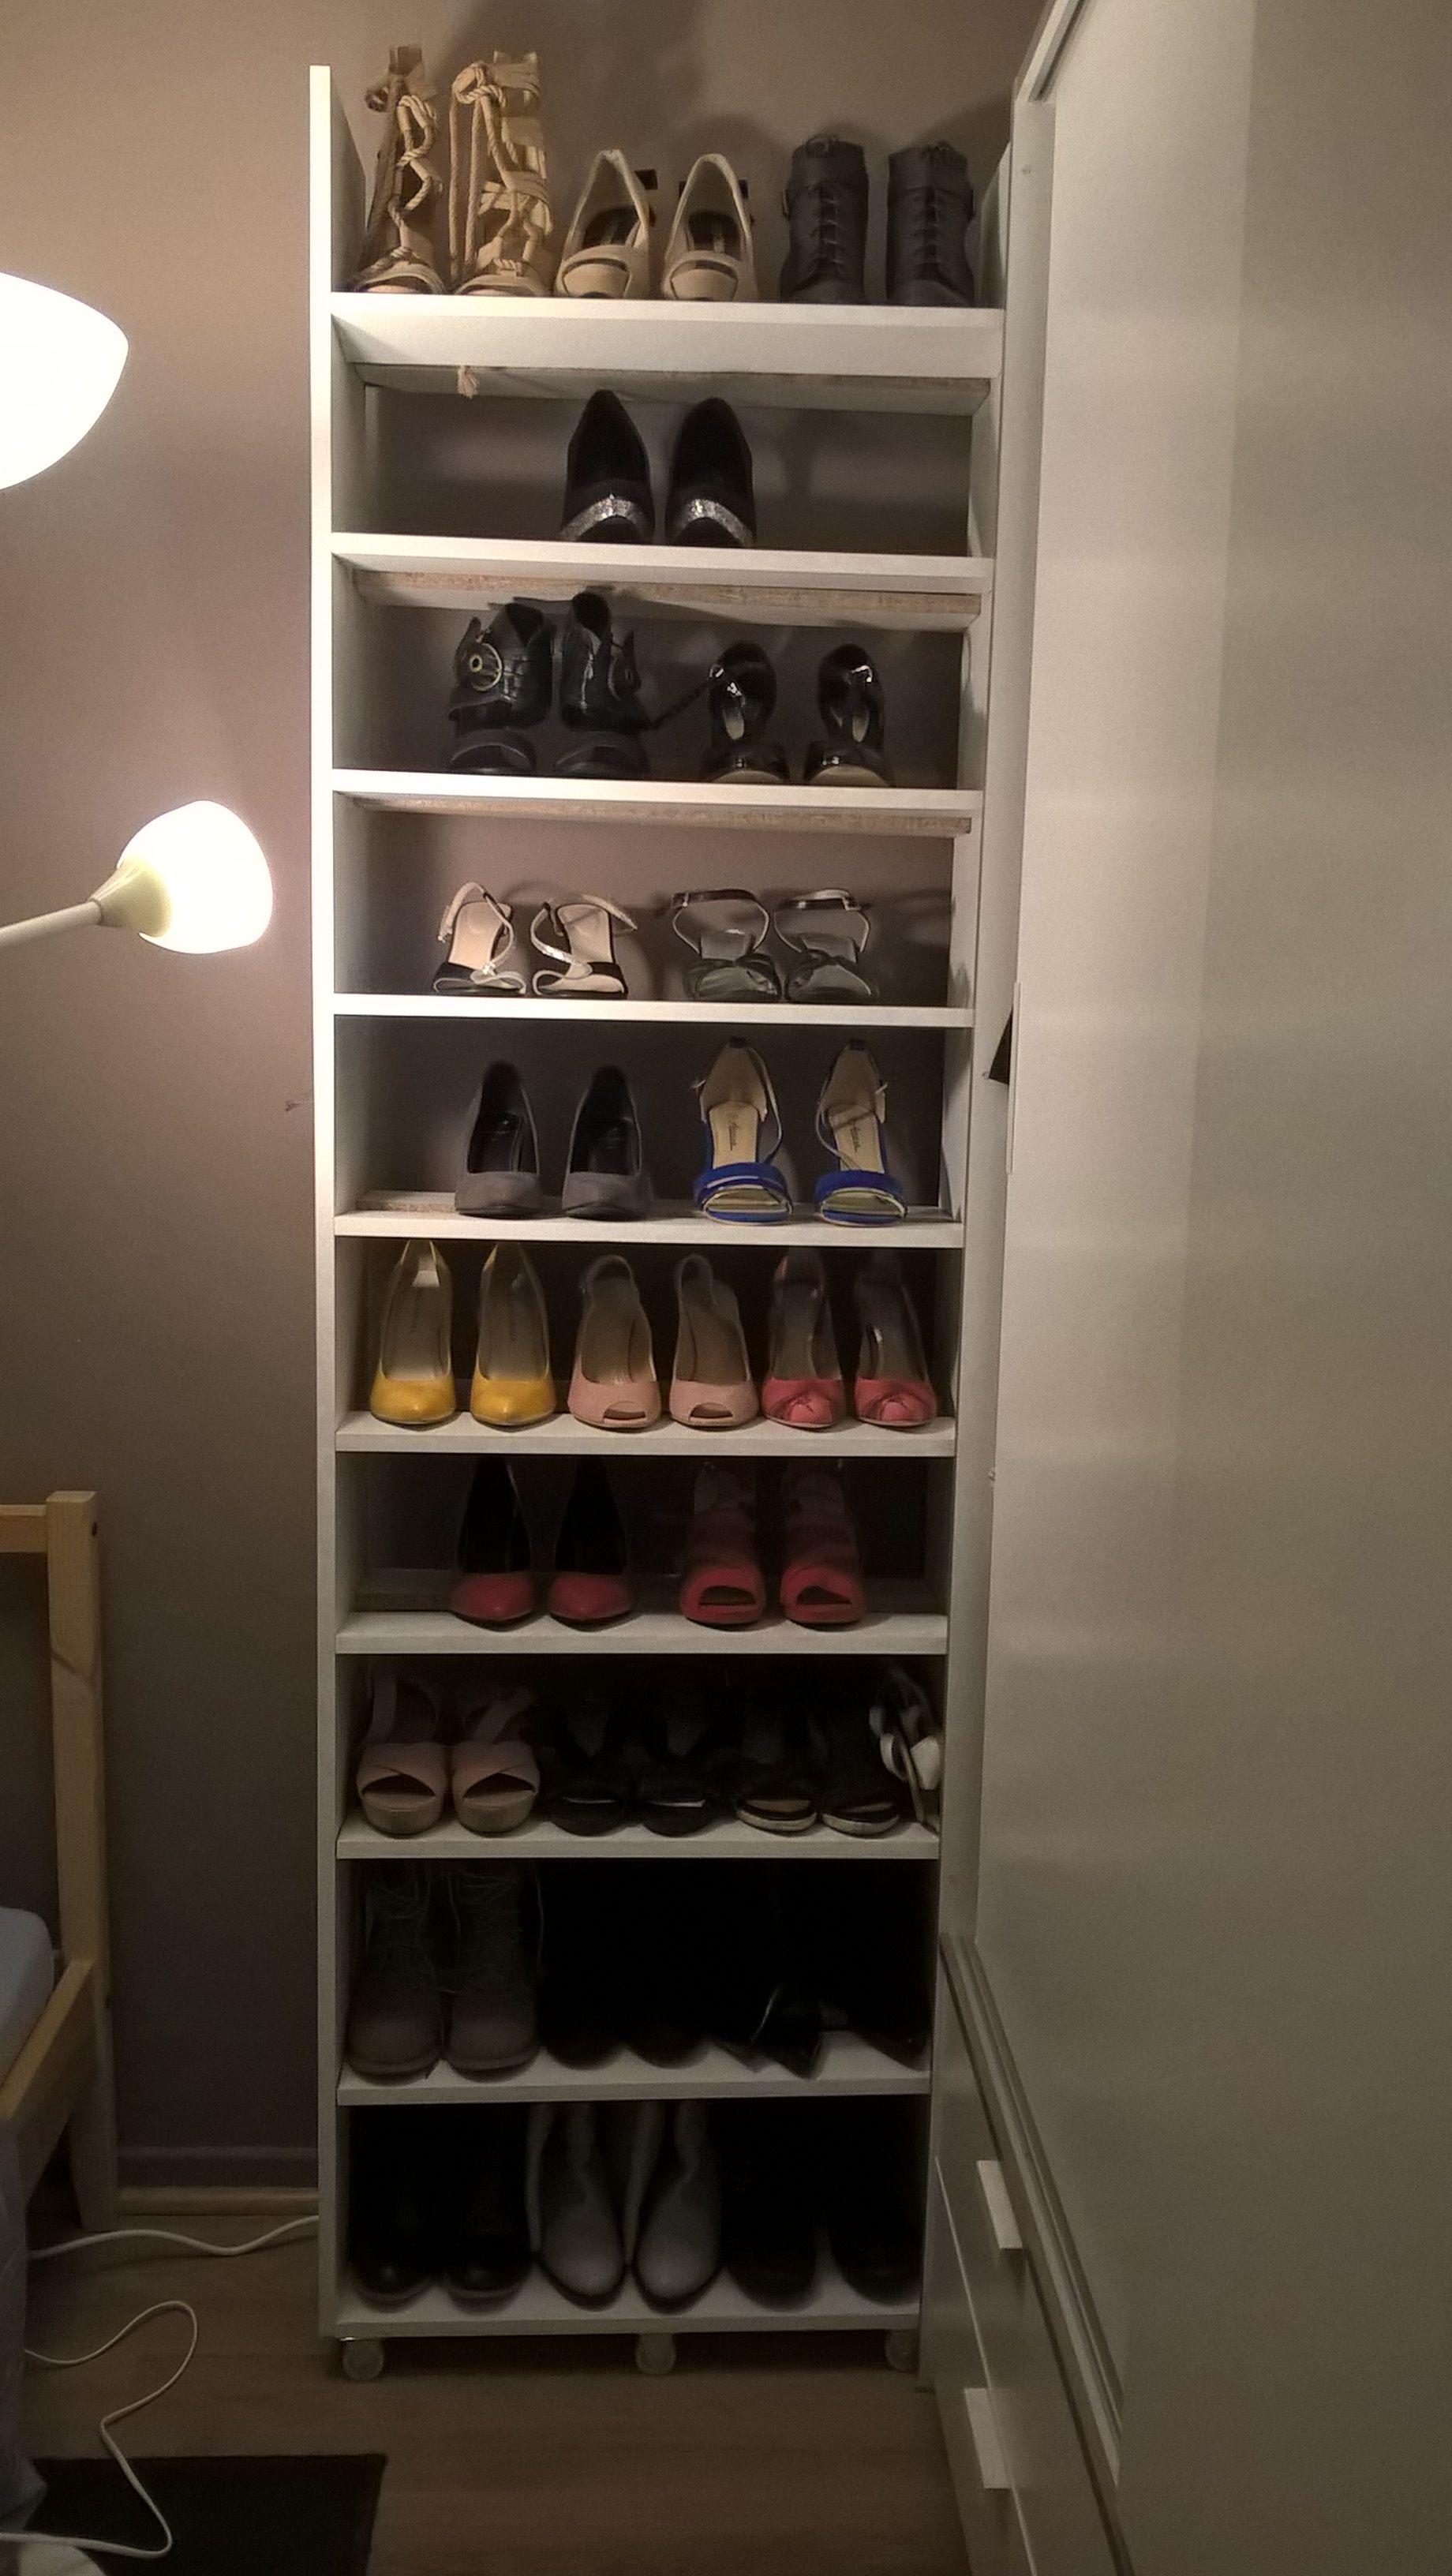 Diy Meuble Chaussures Sur Roulettes Fait Par Mon Cheri Shoes Rangement Diy Faitmaison Diy Meuble Chaussures Rangement Rangement Chaussures